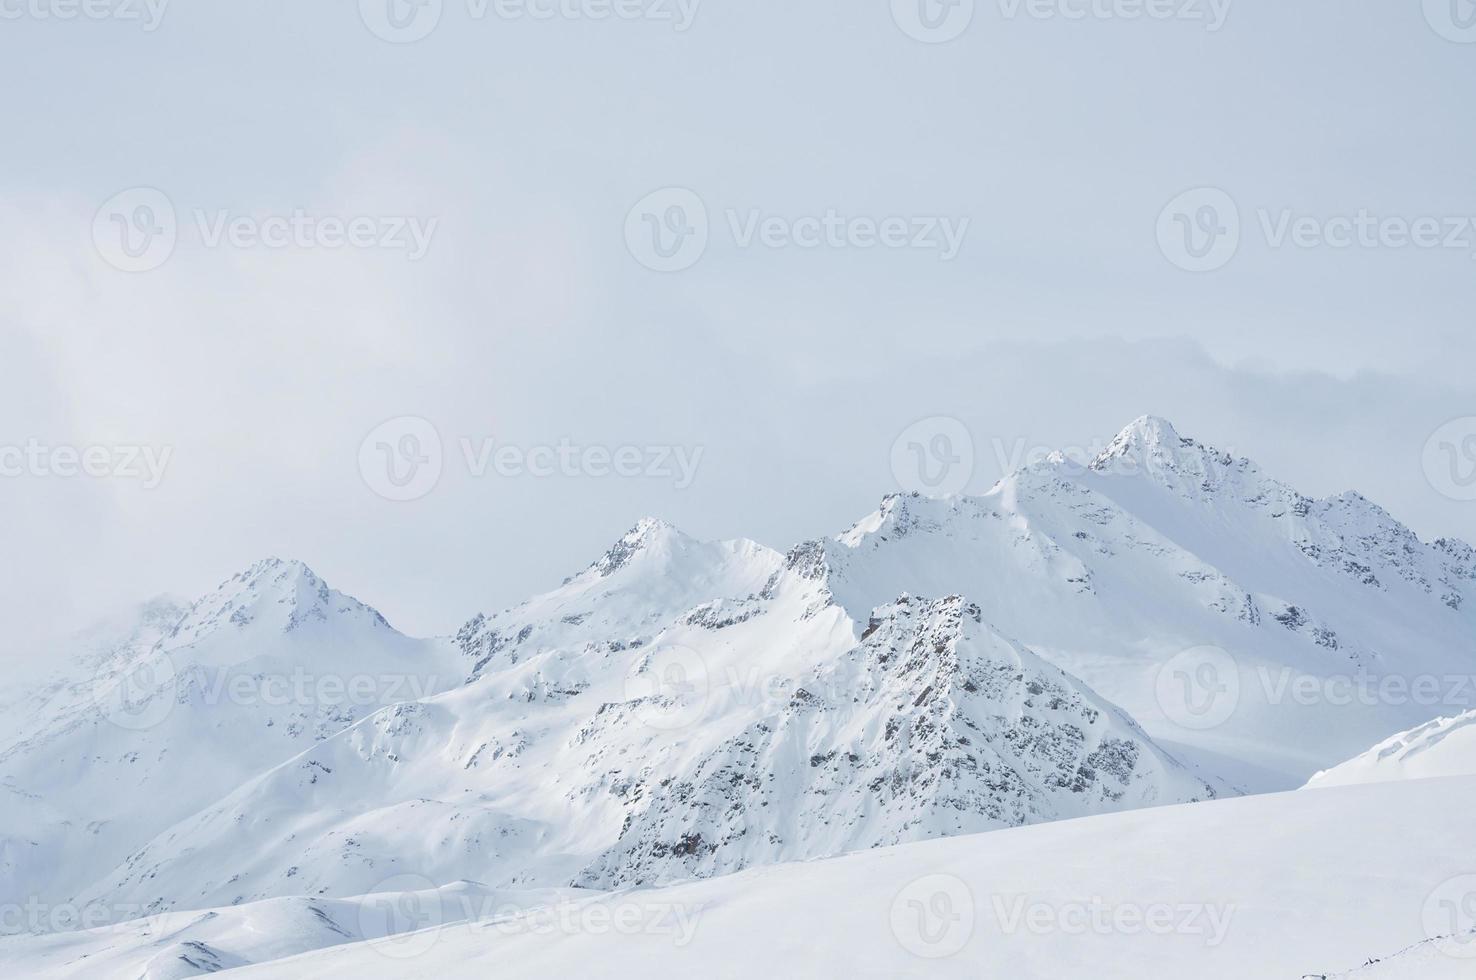 vackert vinterlandskap med snötäckta berg foto